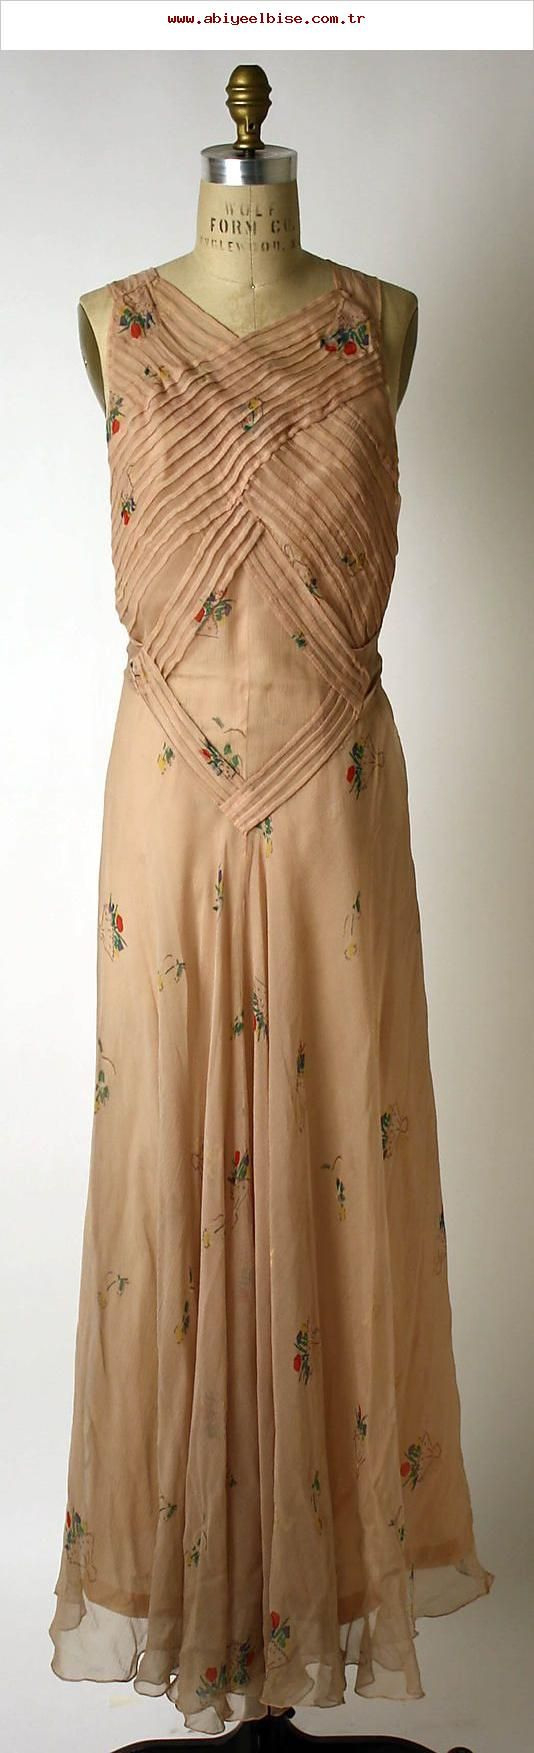 Abend Wunderbar Abendkleid Italienisch Galerie20 Schön Abendkleid Italienisch Boutique